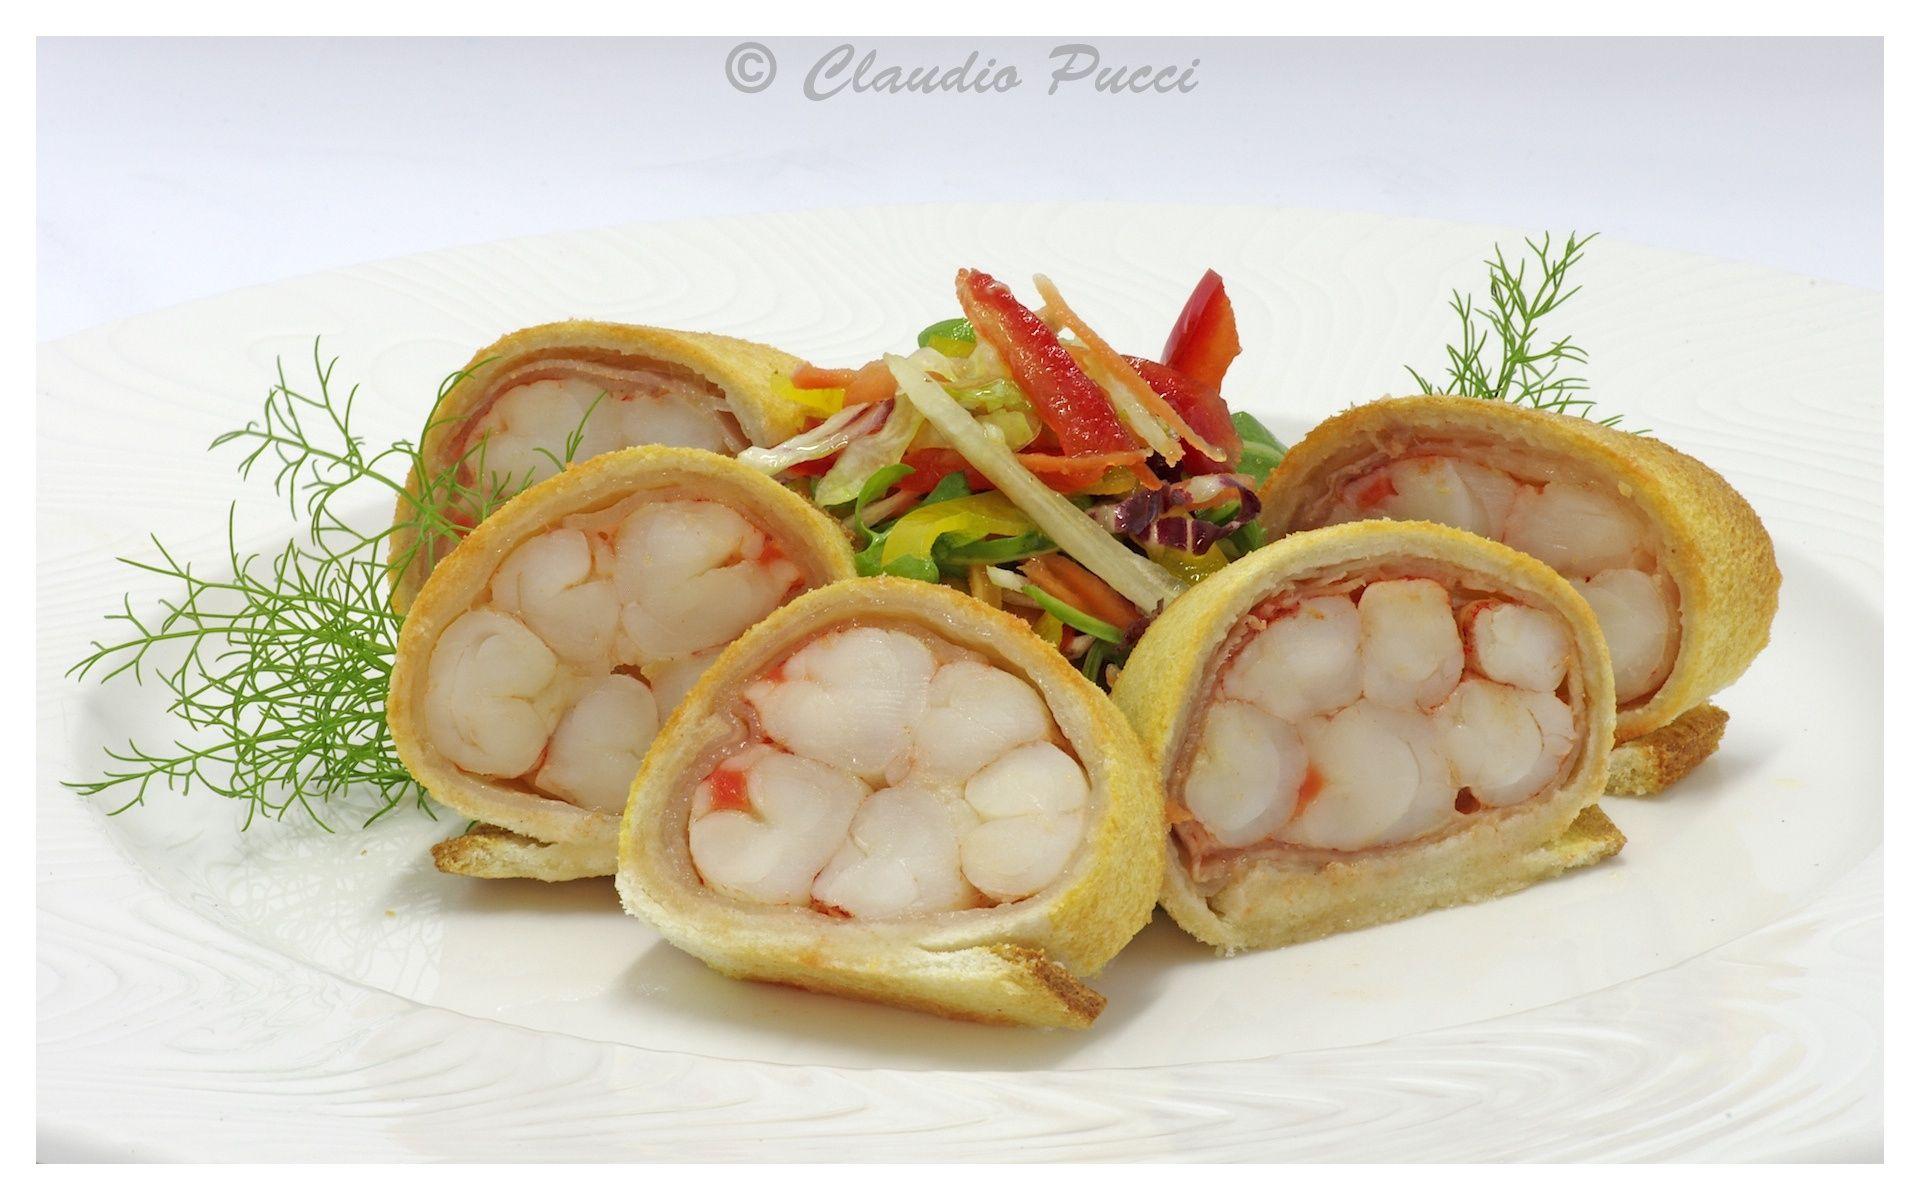 Gamberoni in crosta di pane con lardo di colonnata .